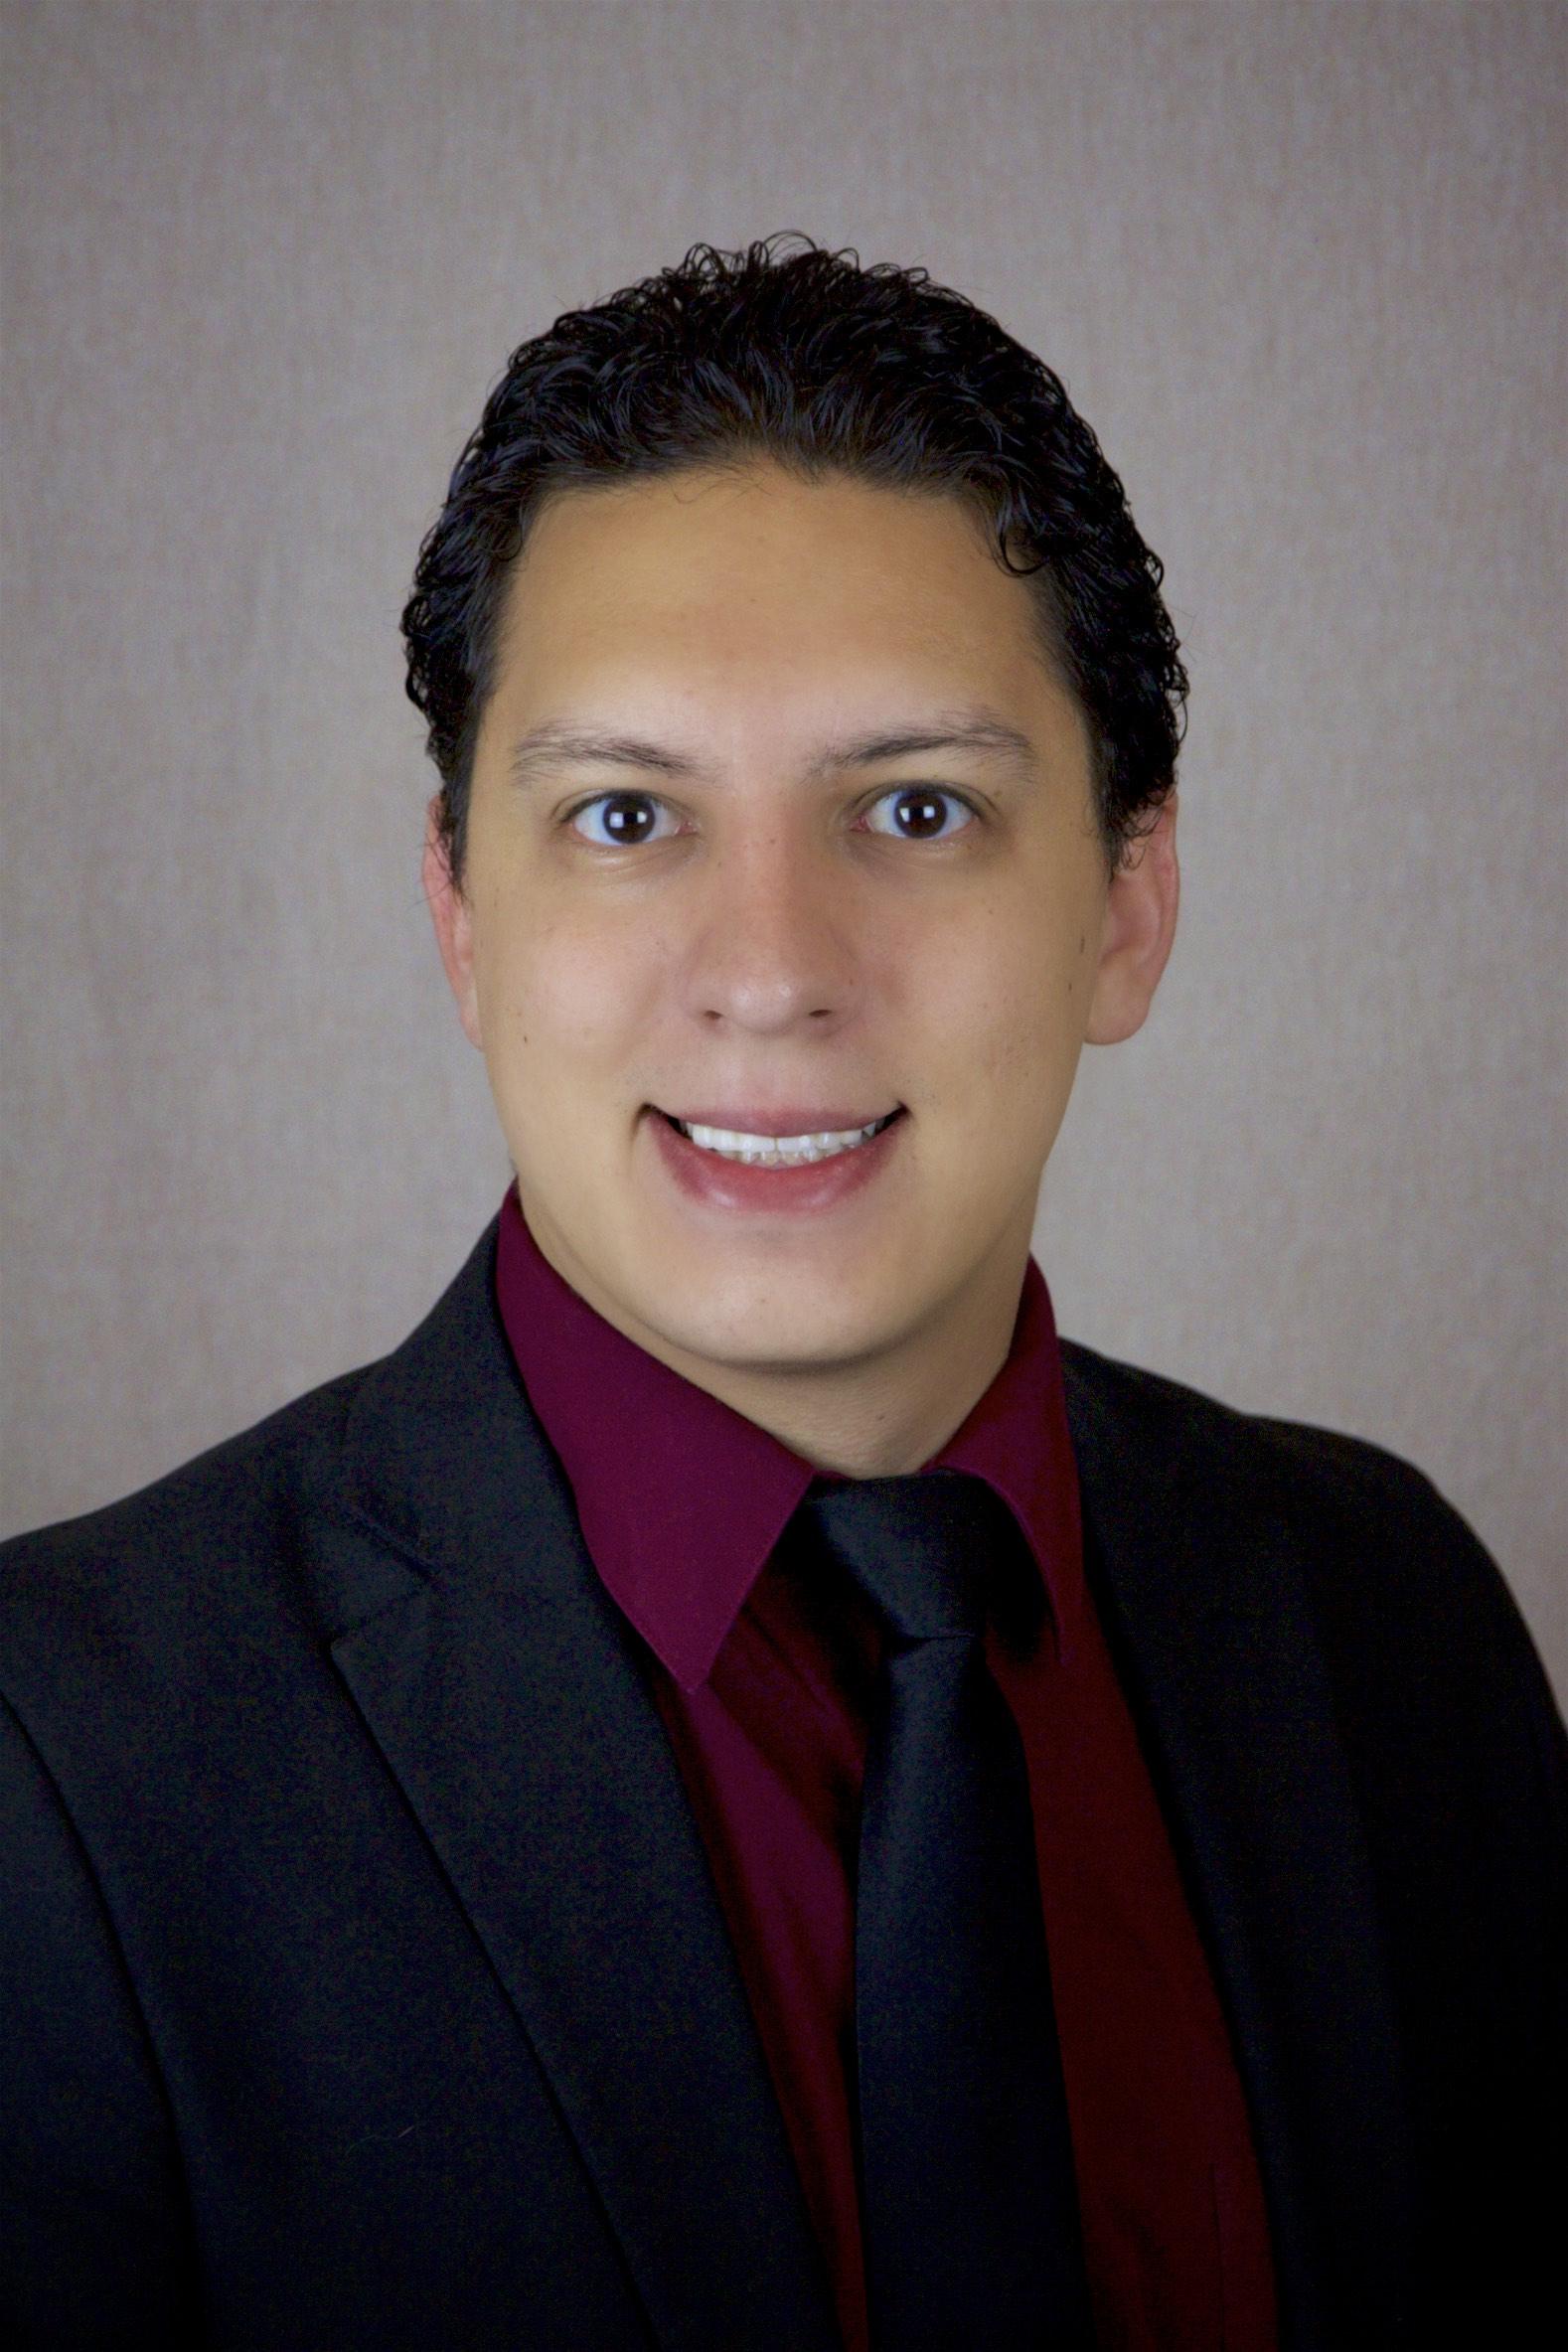 Ben Guerrero - Headshot